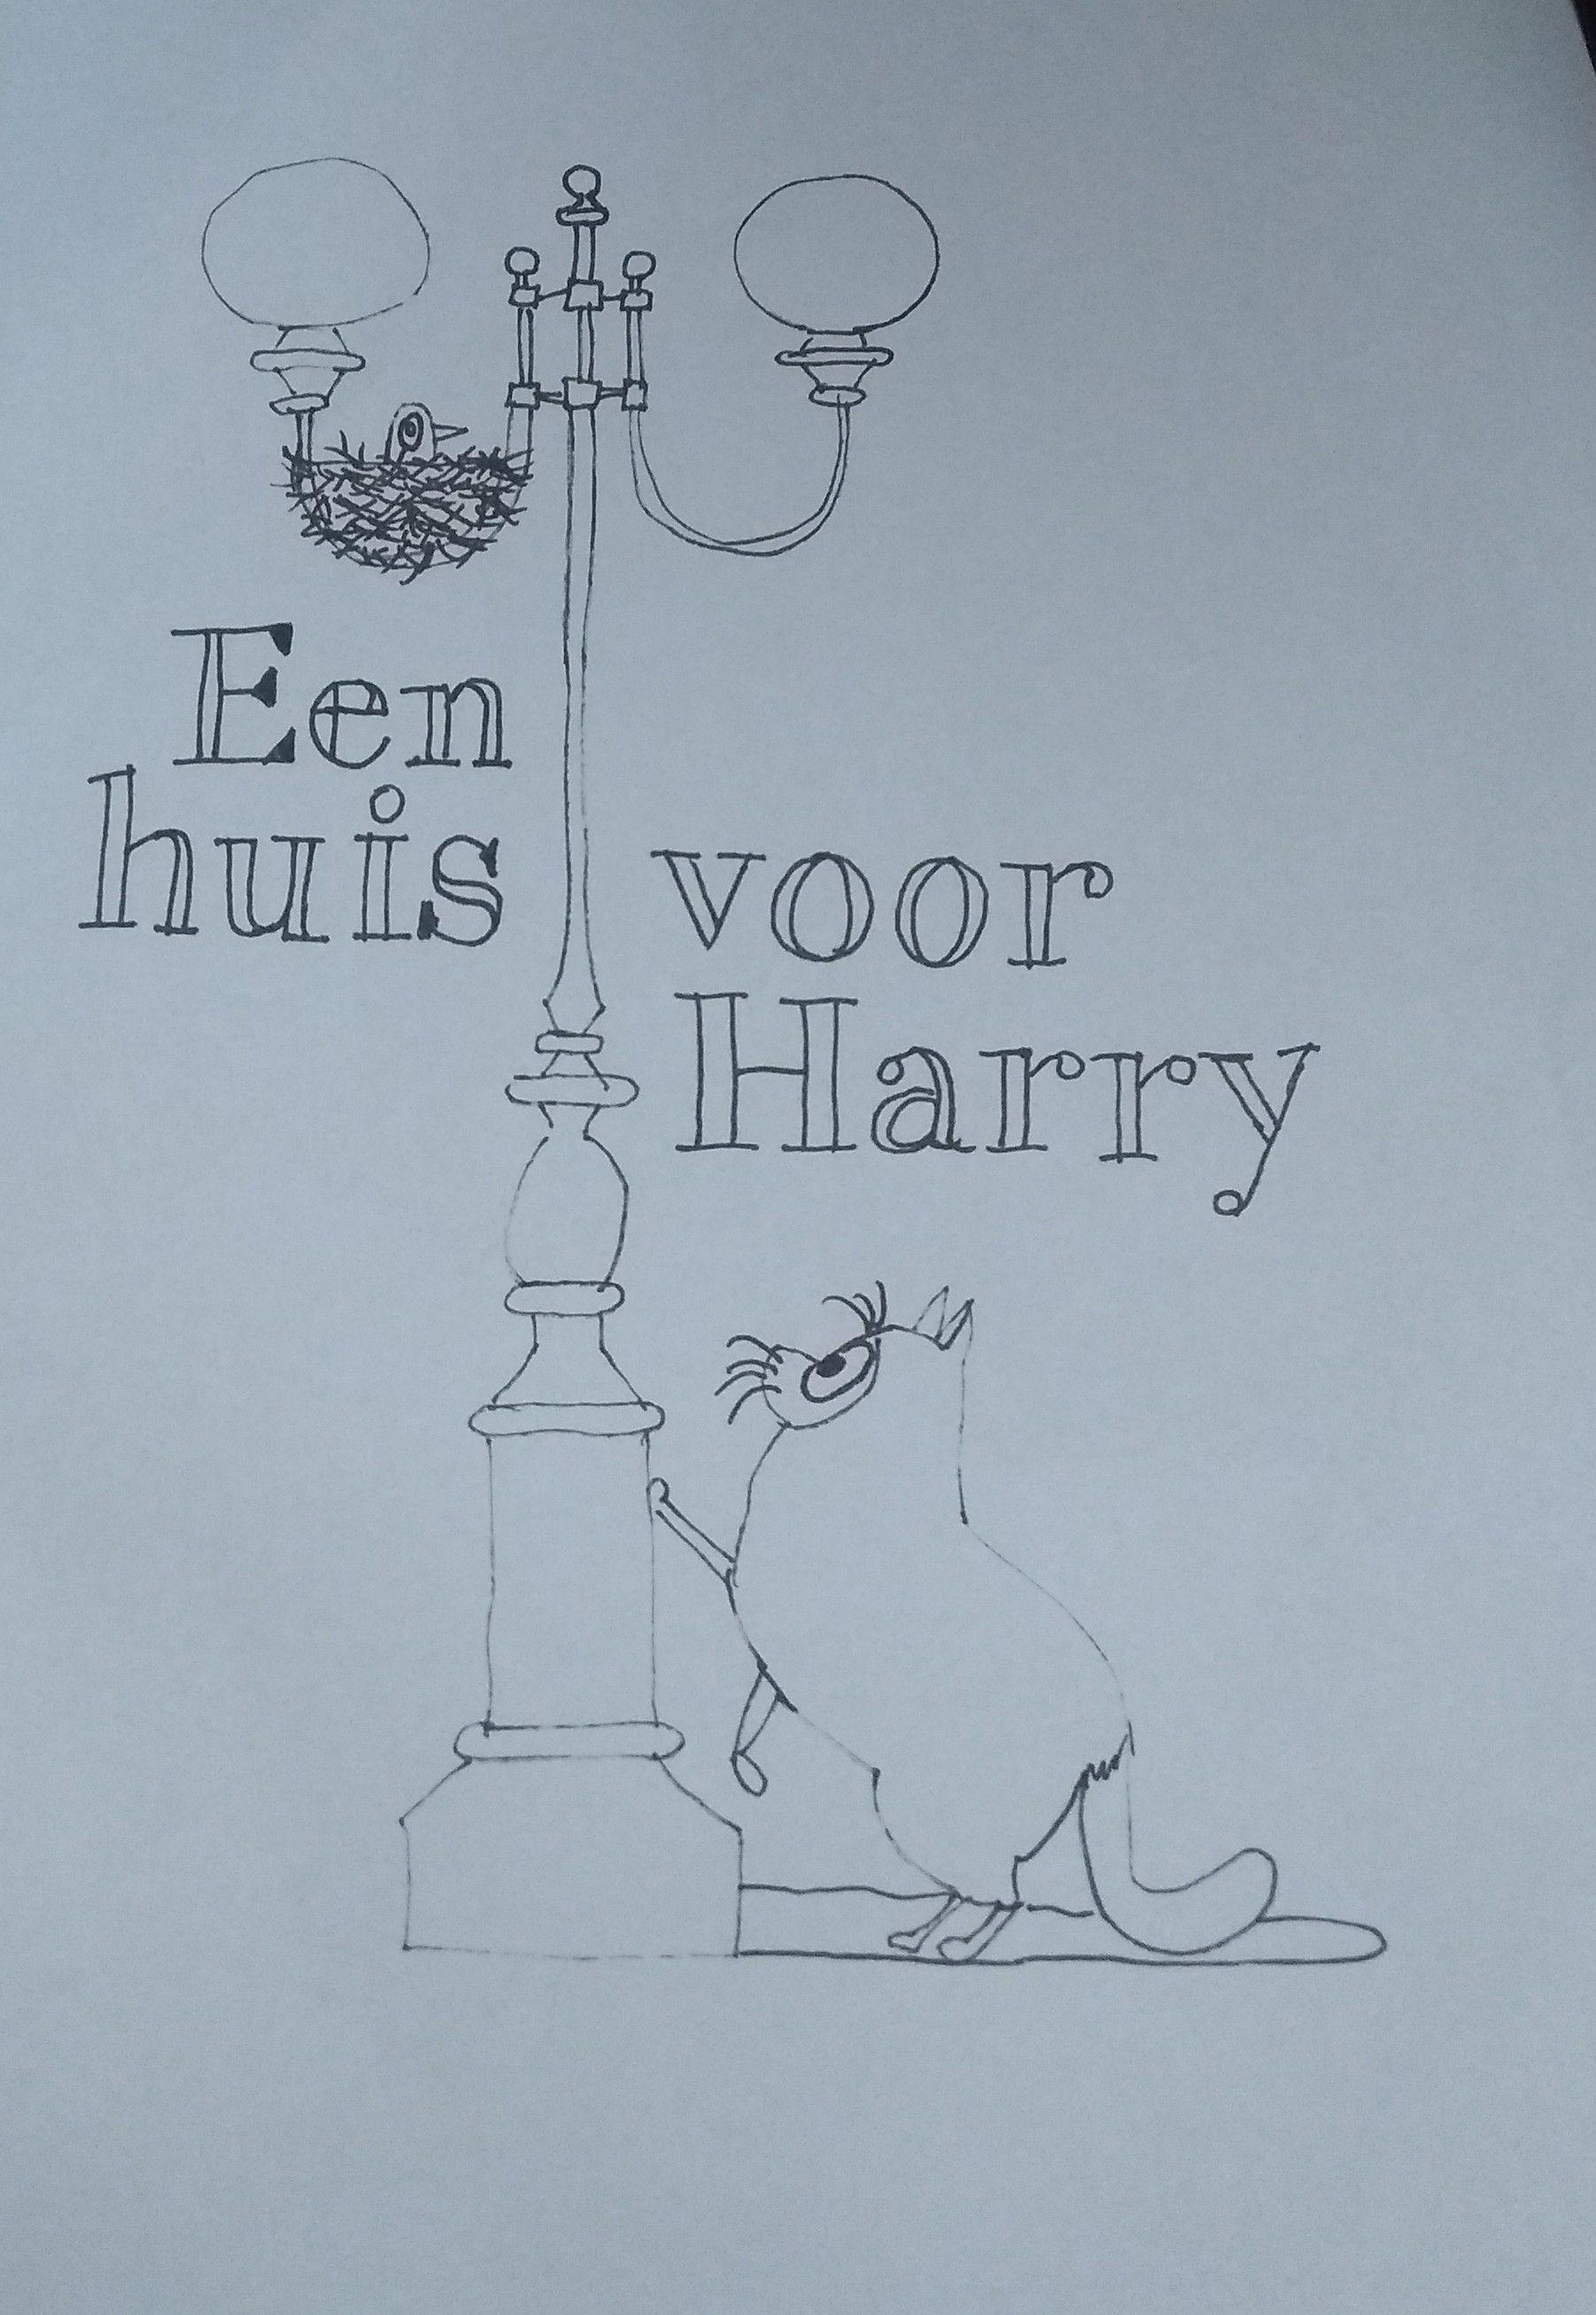 Kleurplaat Een Huis Voor Harry Boeken Huis Leuke Kaarten